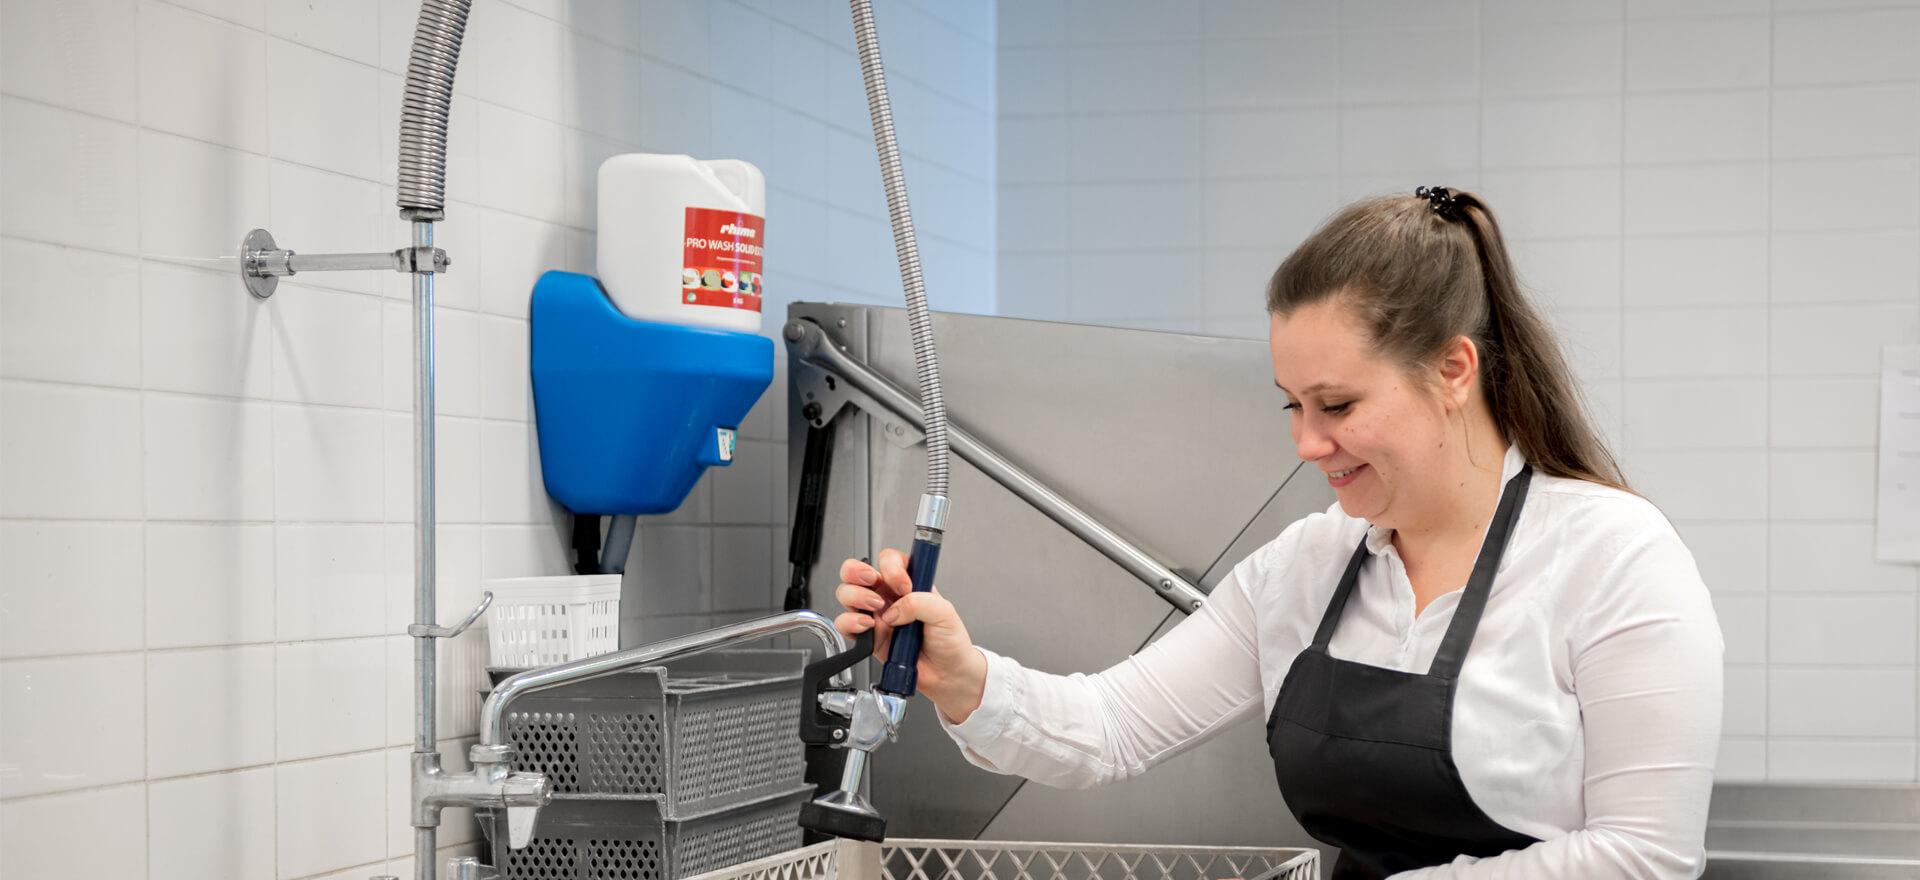 Kloosterhotel ZIN afwassen keuken spoelen medewerker afwasser